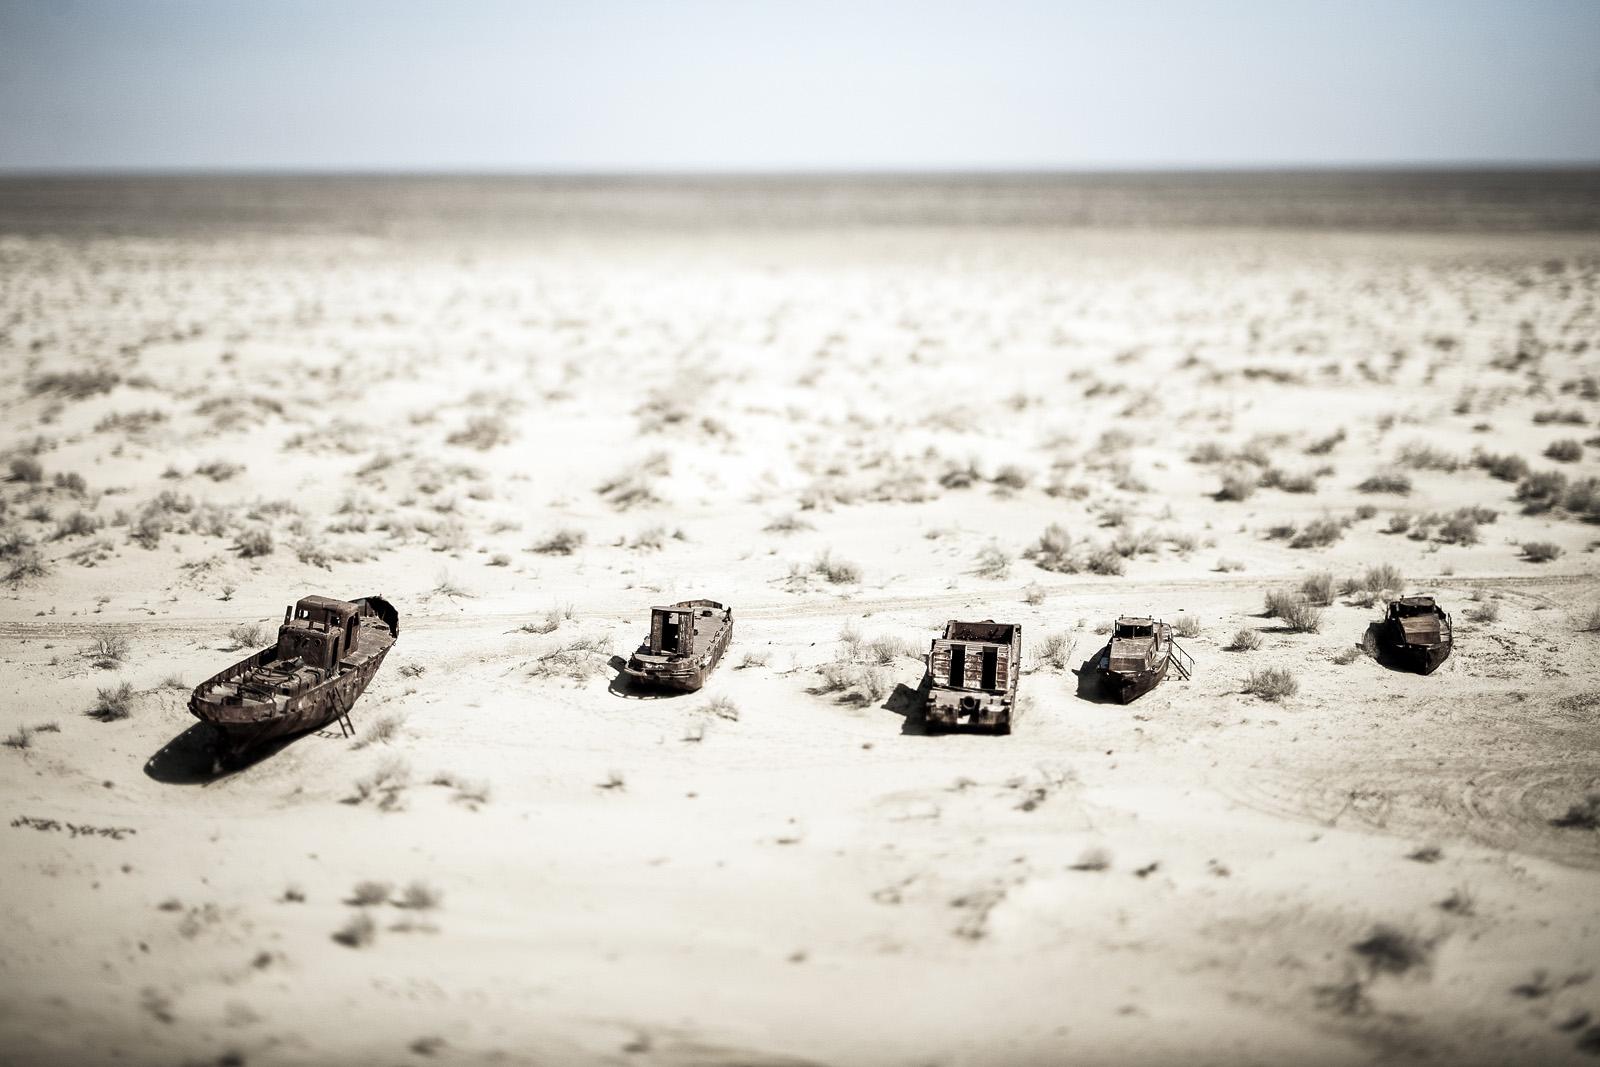 Cementerio de barcos en el Mar de Aral, Uzbekistán. Los pesticidas e insecticidas utilizados en las granjas algodoneras y transportados por los ríos y las lluvias hasta el mar, emergen gradualmente. Las partículas de estos elementos son sopladas por tormentas de arena causando enfermedades, deformidades fetales y cáncer en las poblaciones locales. En la actualidad, en la parte kazaja se han desarrollado numerosos proyectos apoyados por la UNESCO y el Banco Mundial, en los que se han observado progresos significativos: la construcción de un dique, el aumento del nivel del agua e incluso la reanudación de la pesca. Foto © Ezequiel Scagnetti.